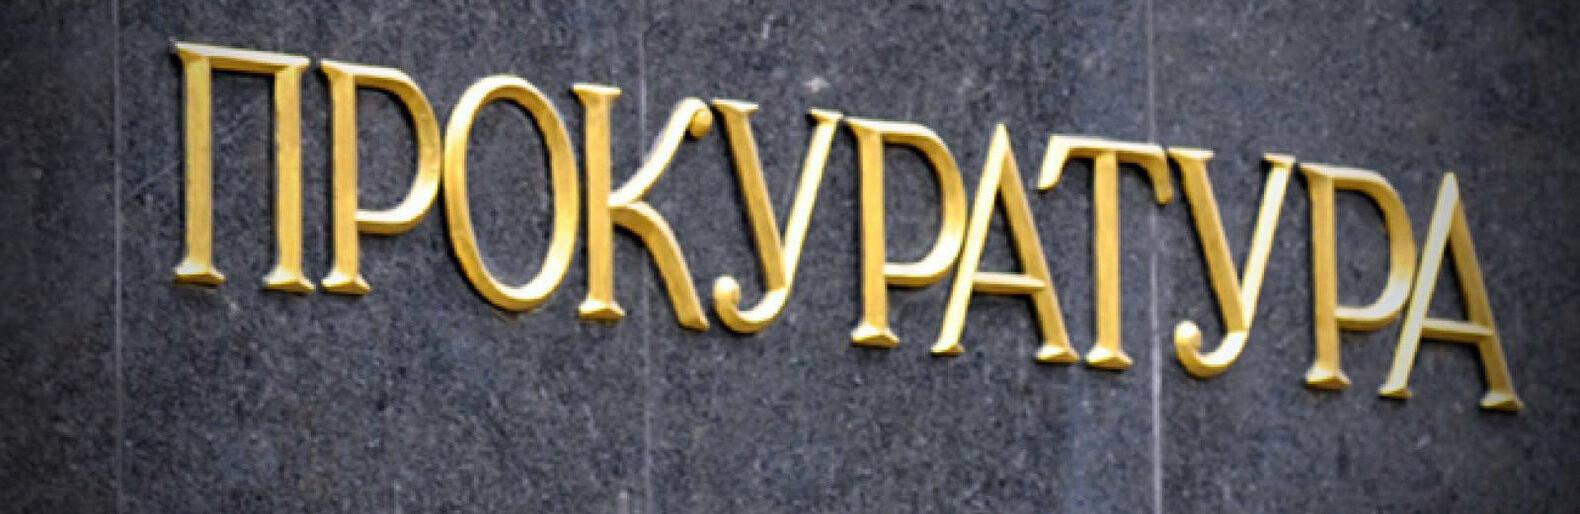 Прокуратура и суд Одесской области вернули в коммунальную собственность полгектара земли в Лузановке  0